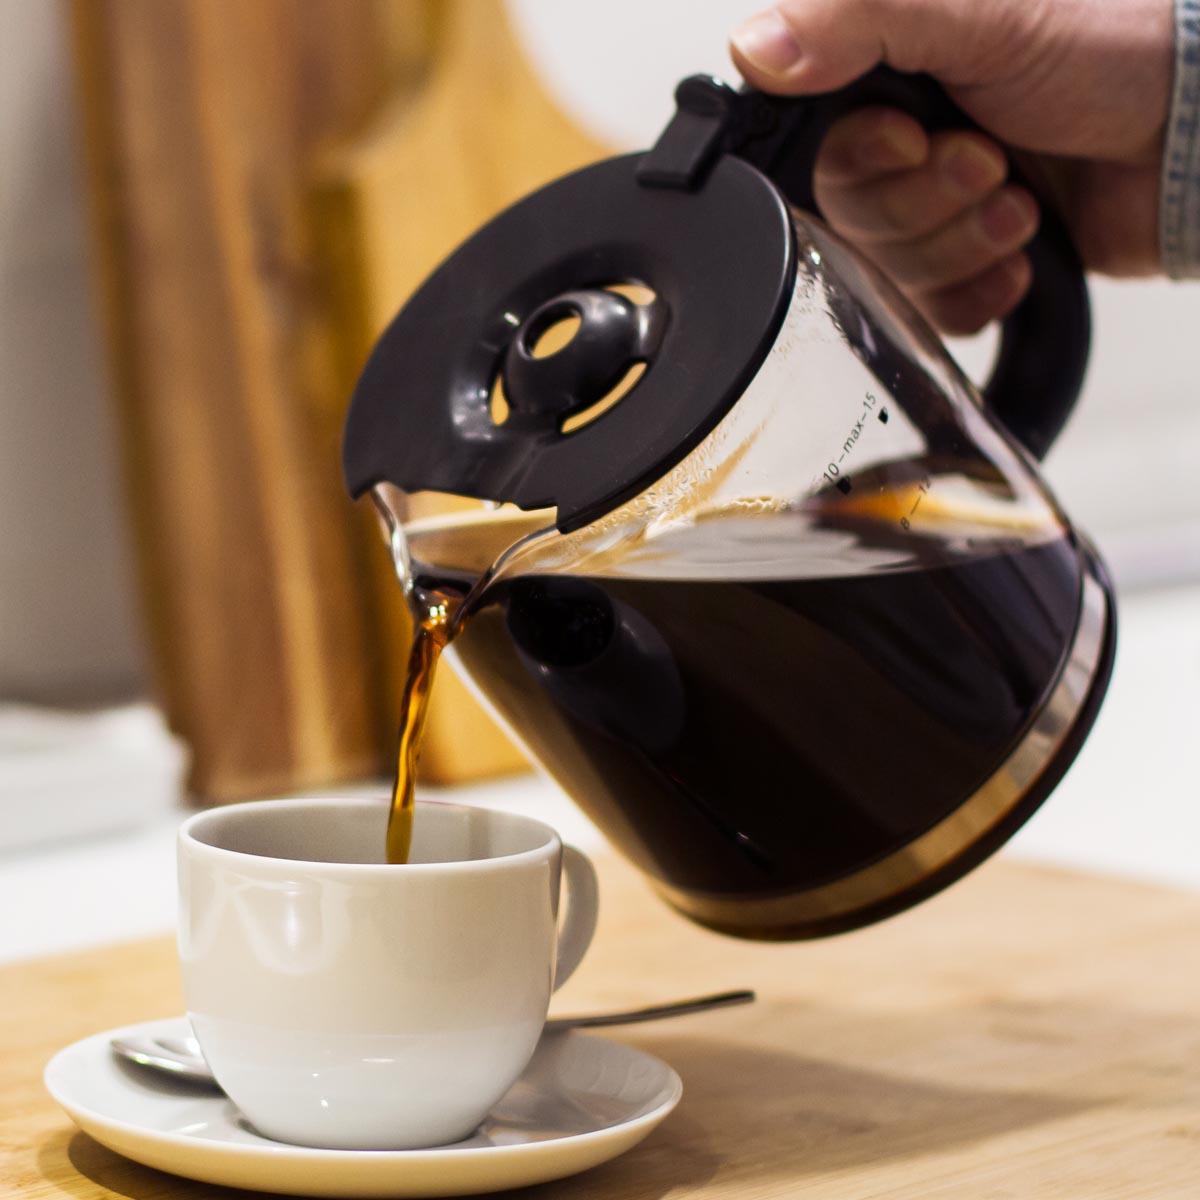 《2020年》人気のおすすめコーヒーメーカー24選! 全自動、ミル付き、おしゃれモデルも